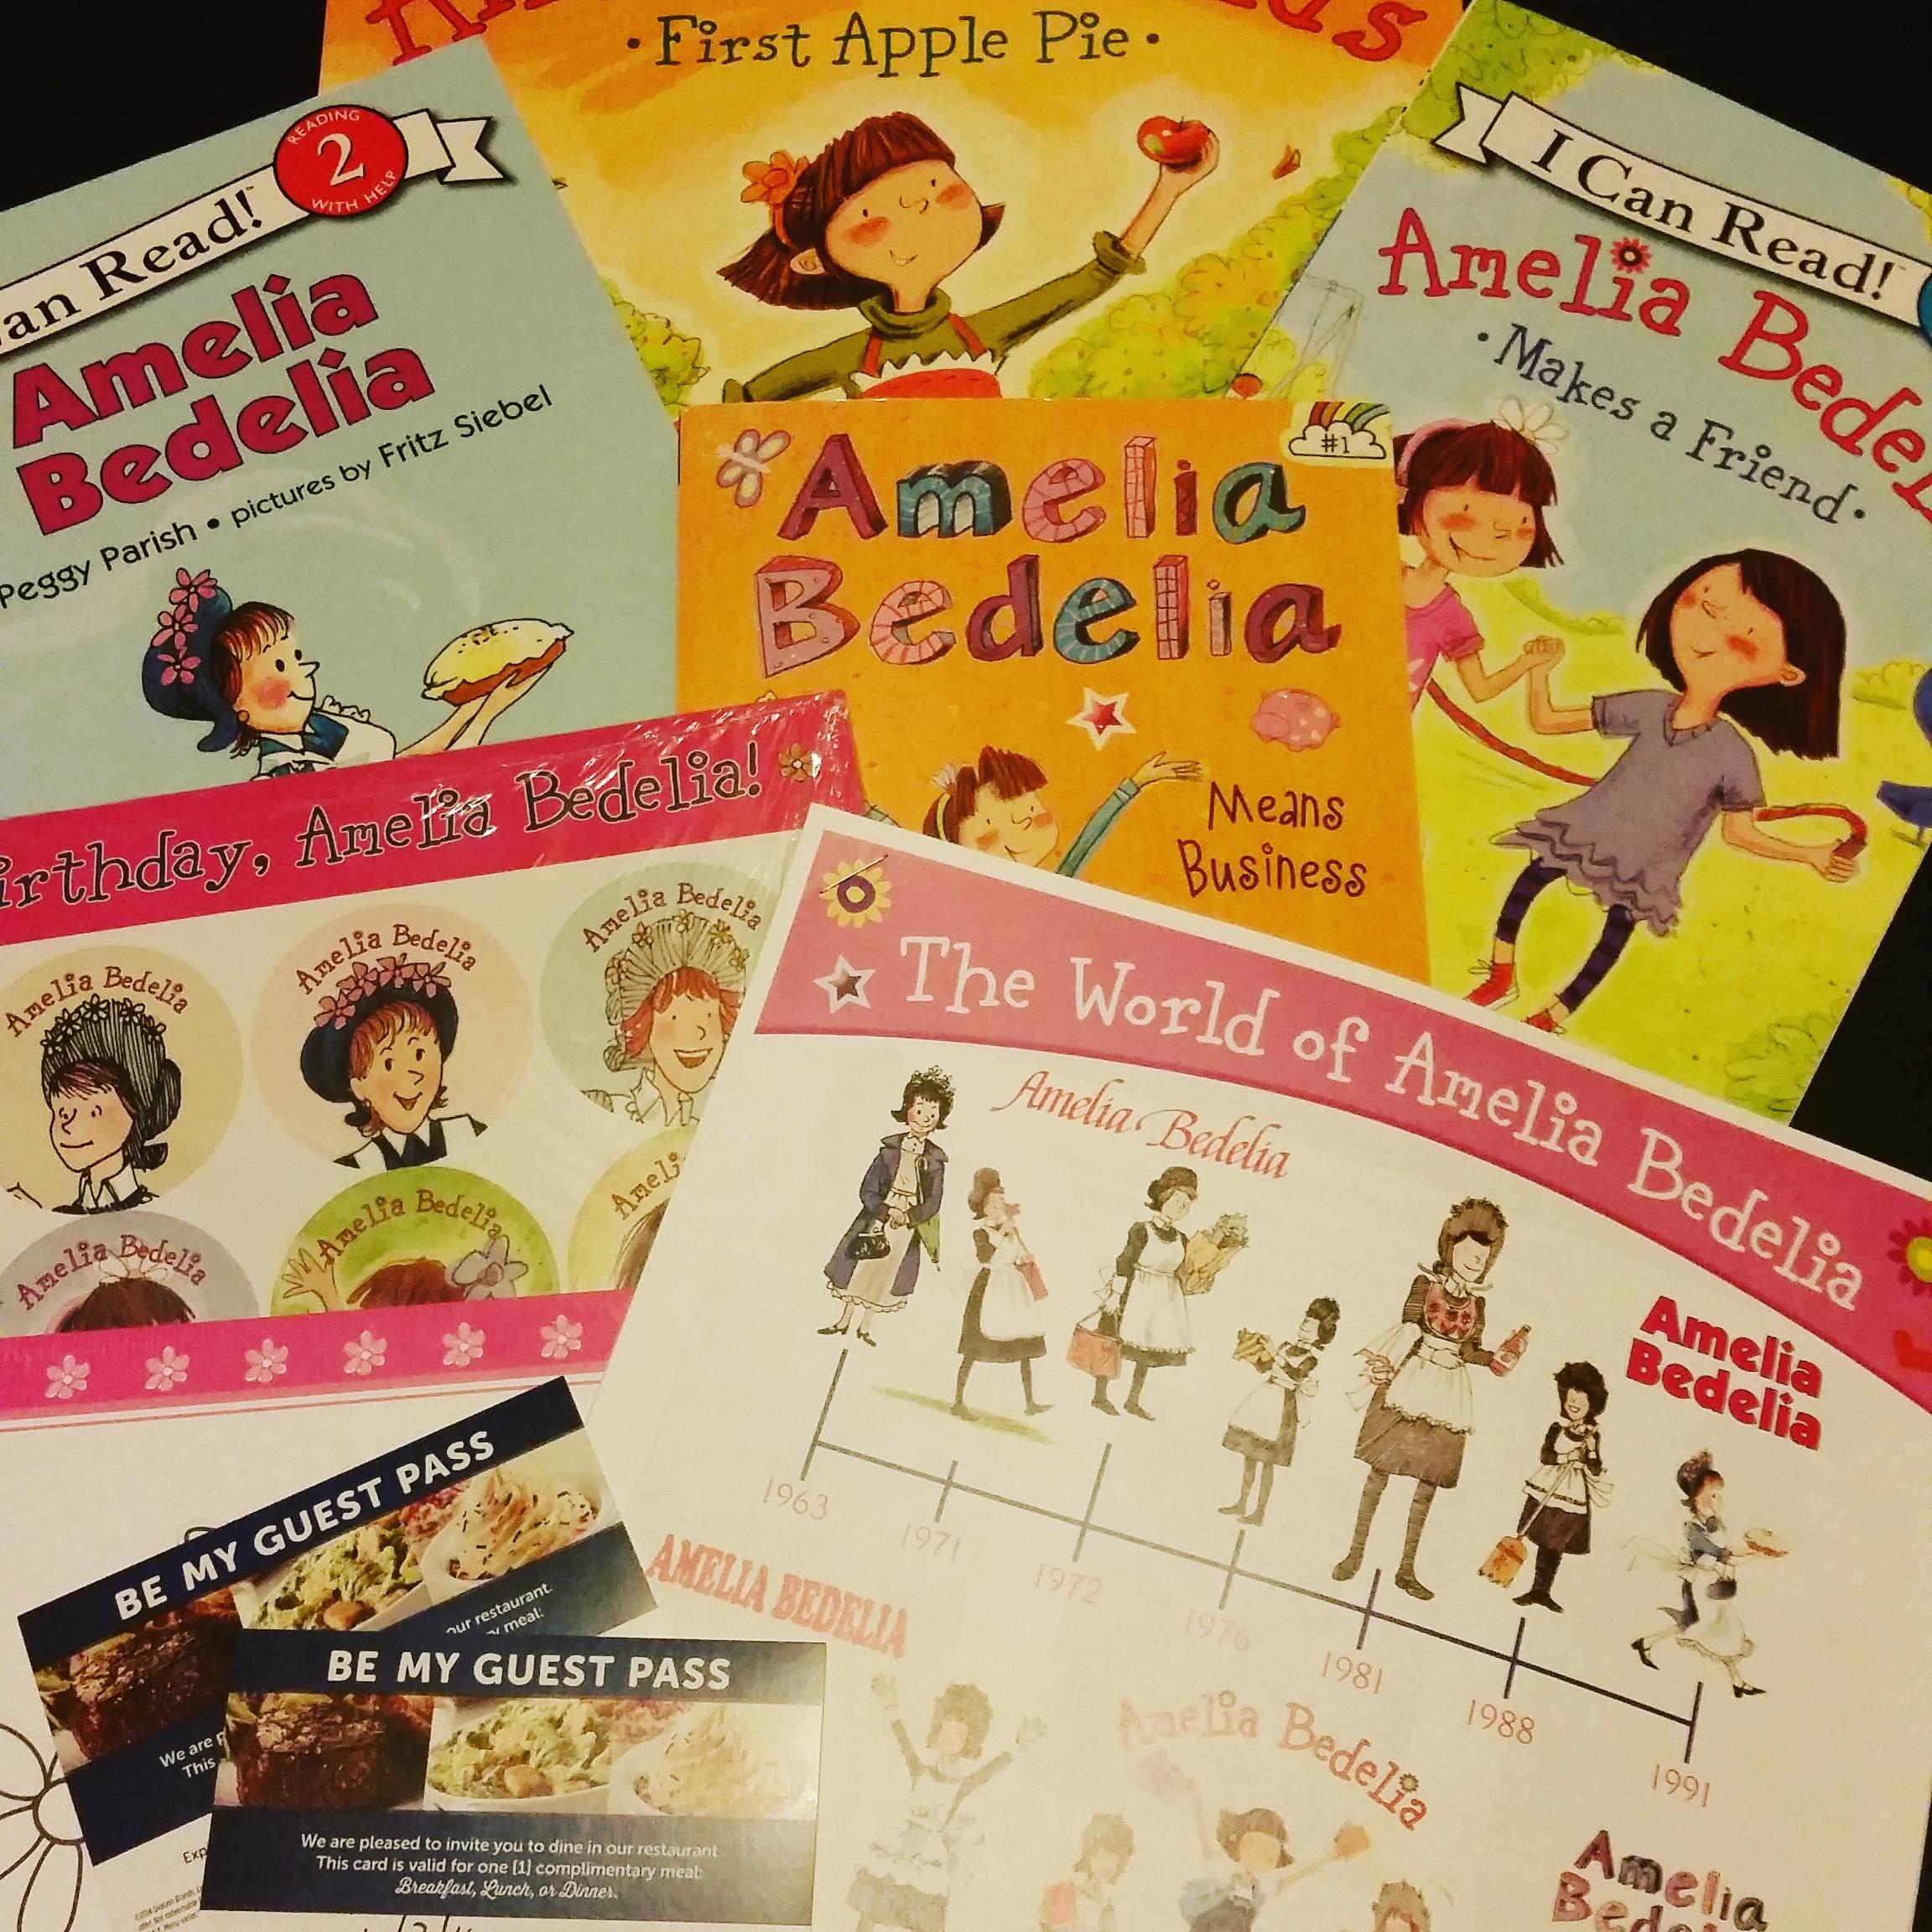 Amelia Bedelia Giveaway With Hometown Buffet